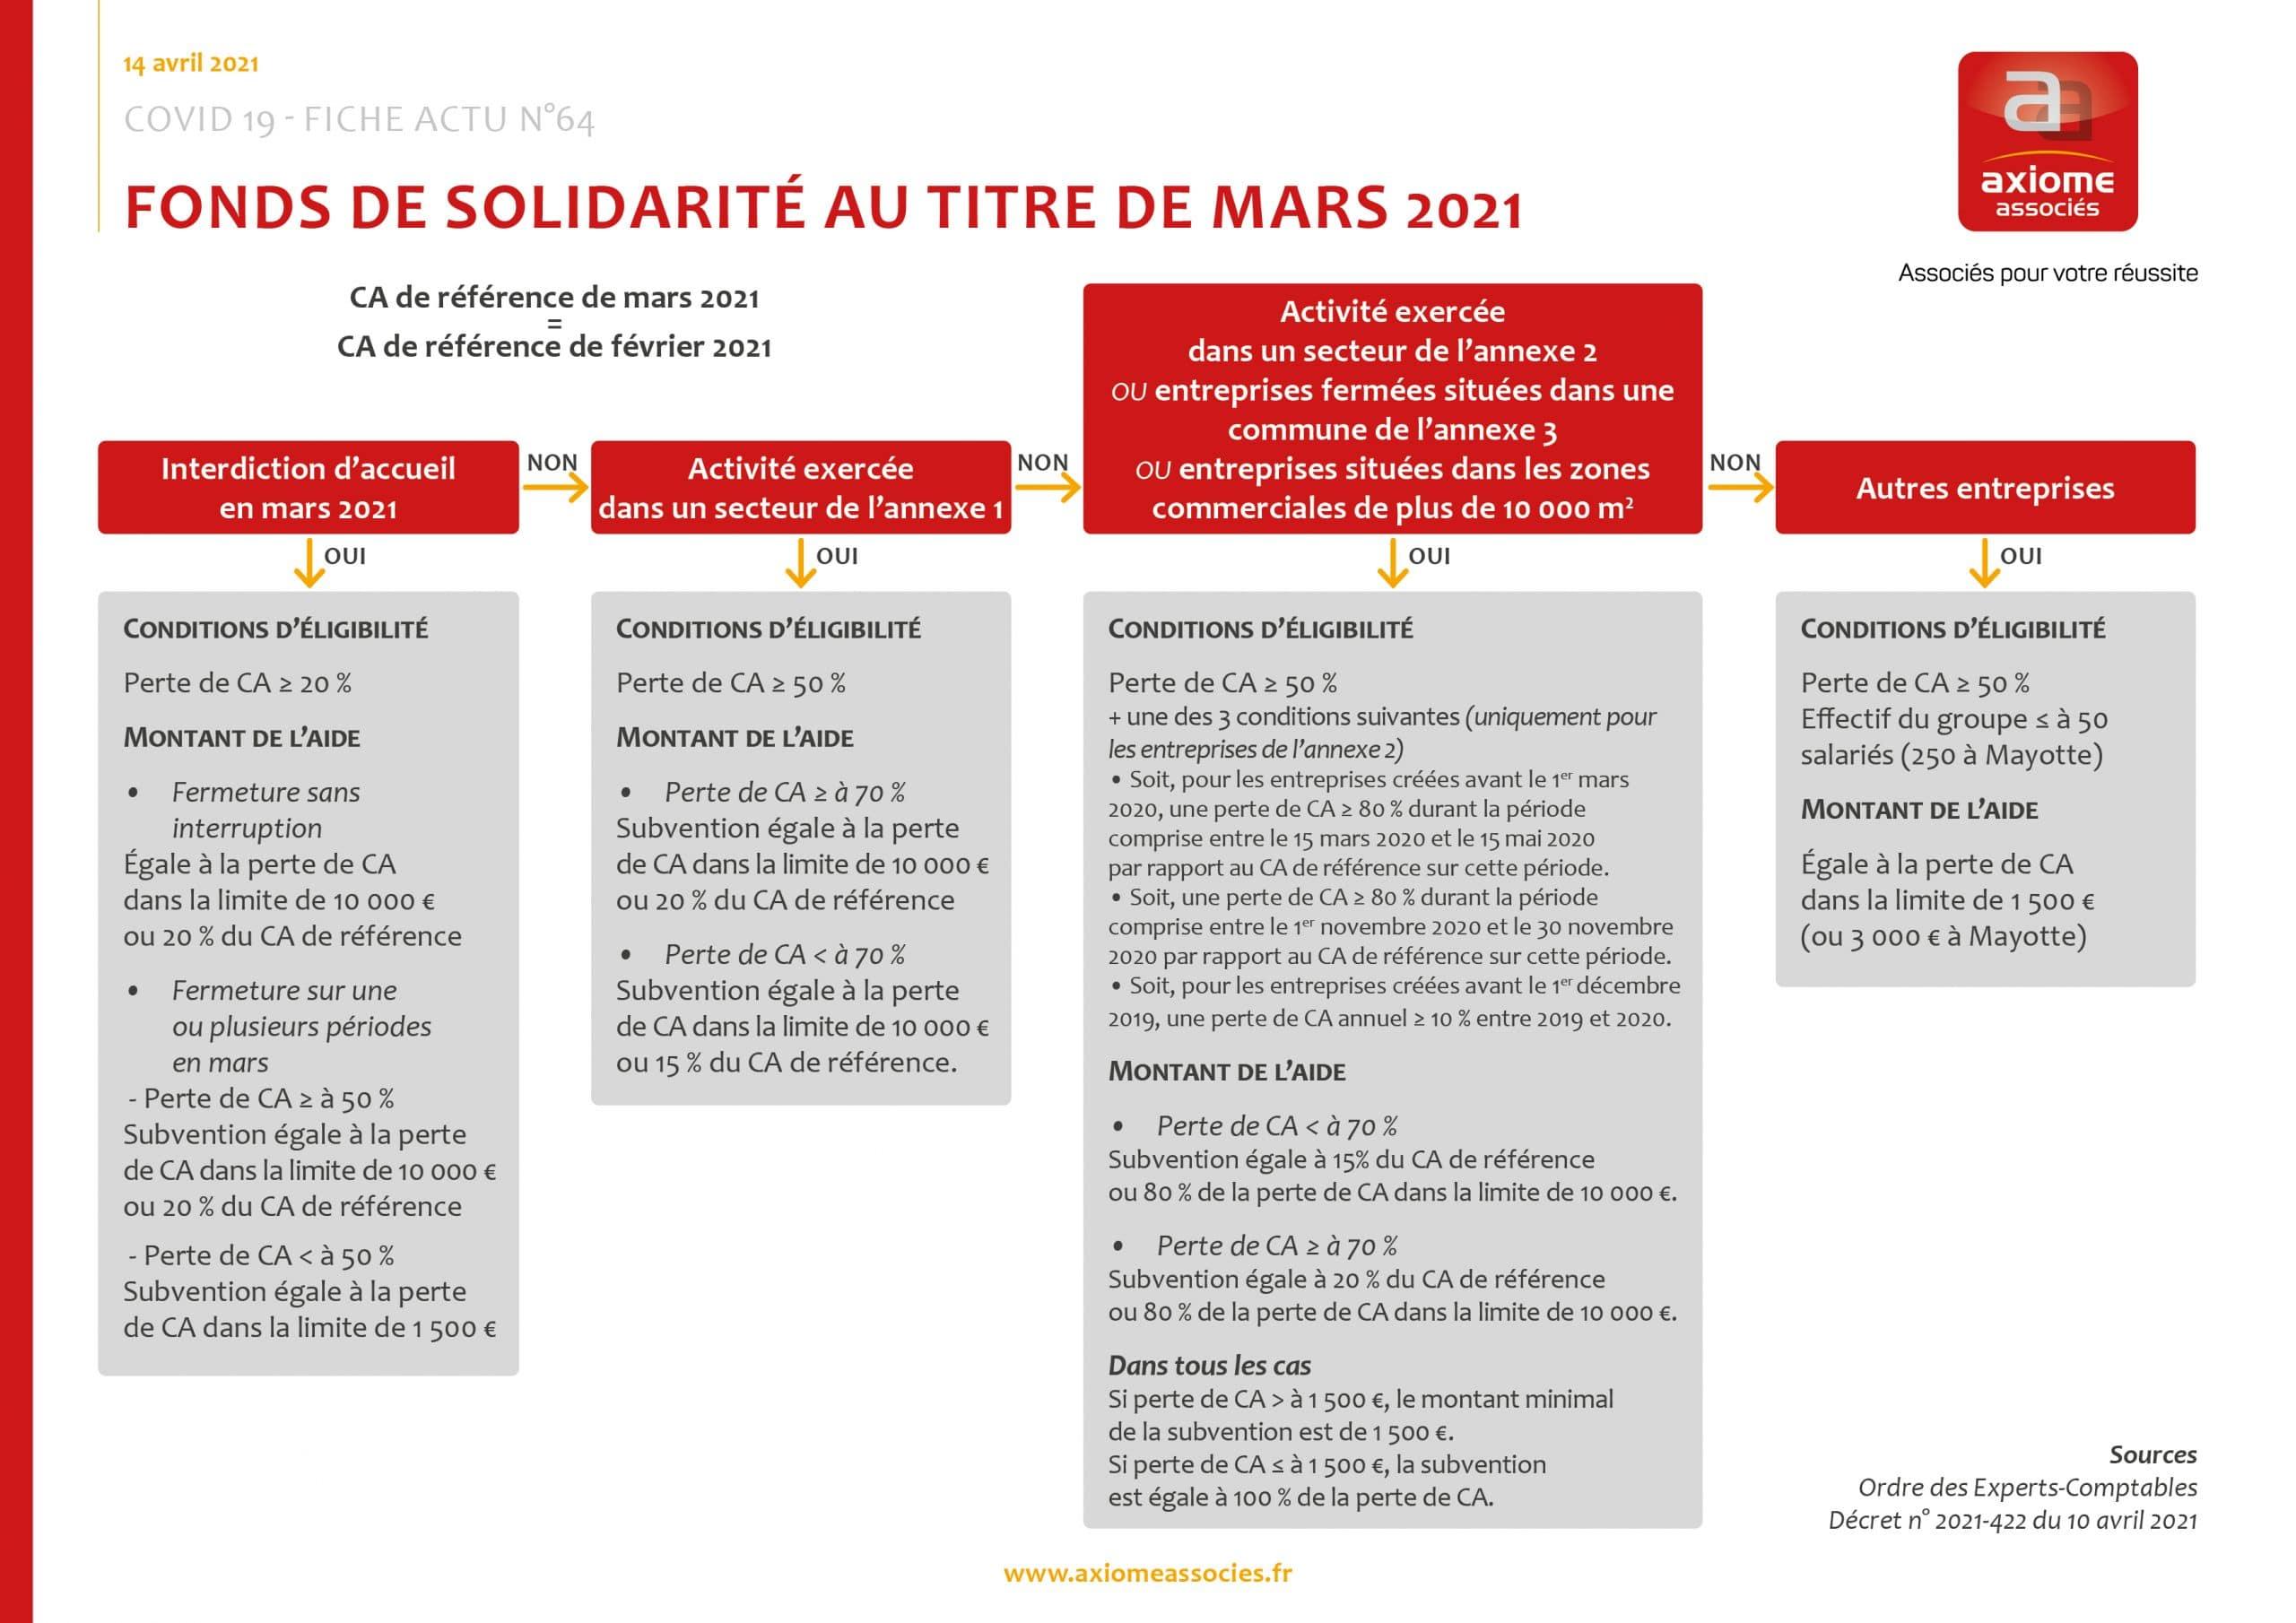 Le fonds de solidarité de mars 2021 en résumé